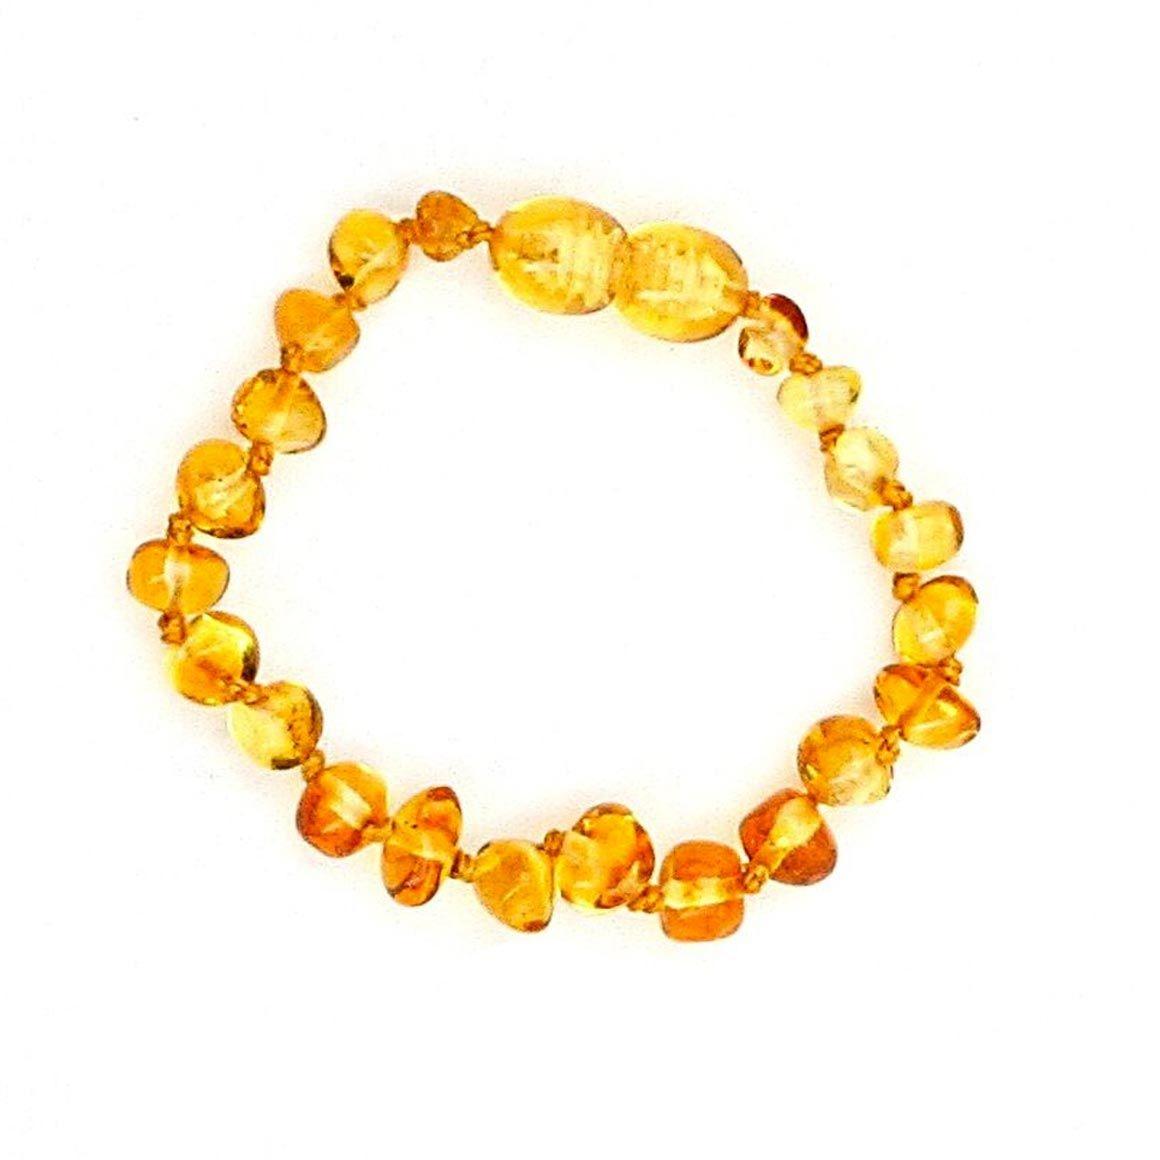 Healing Amber Anklet/Bracelet (clasp) 5.5